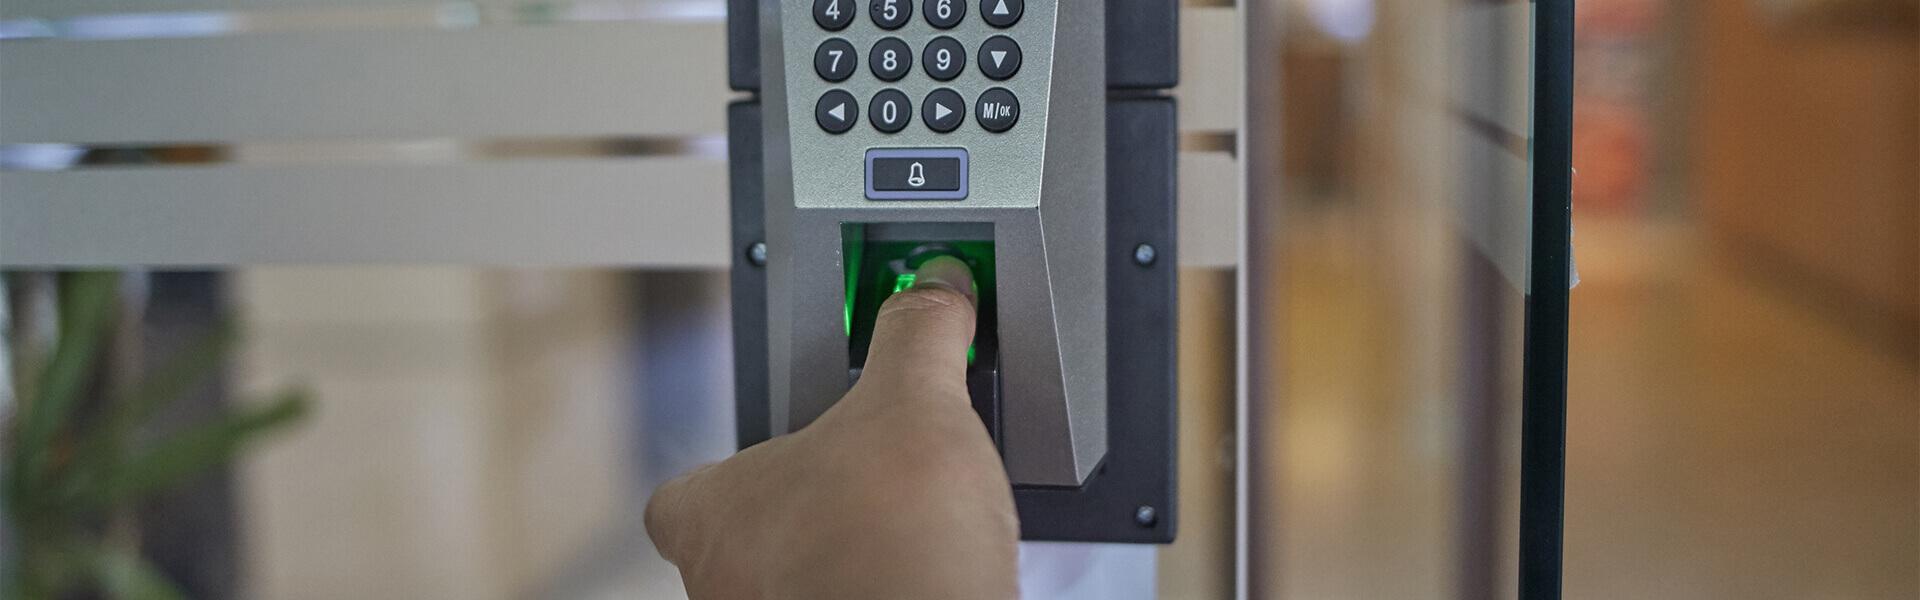 Önder Zaman Kontrol ve Güvenlik Sistemleri